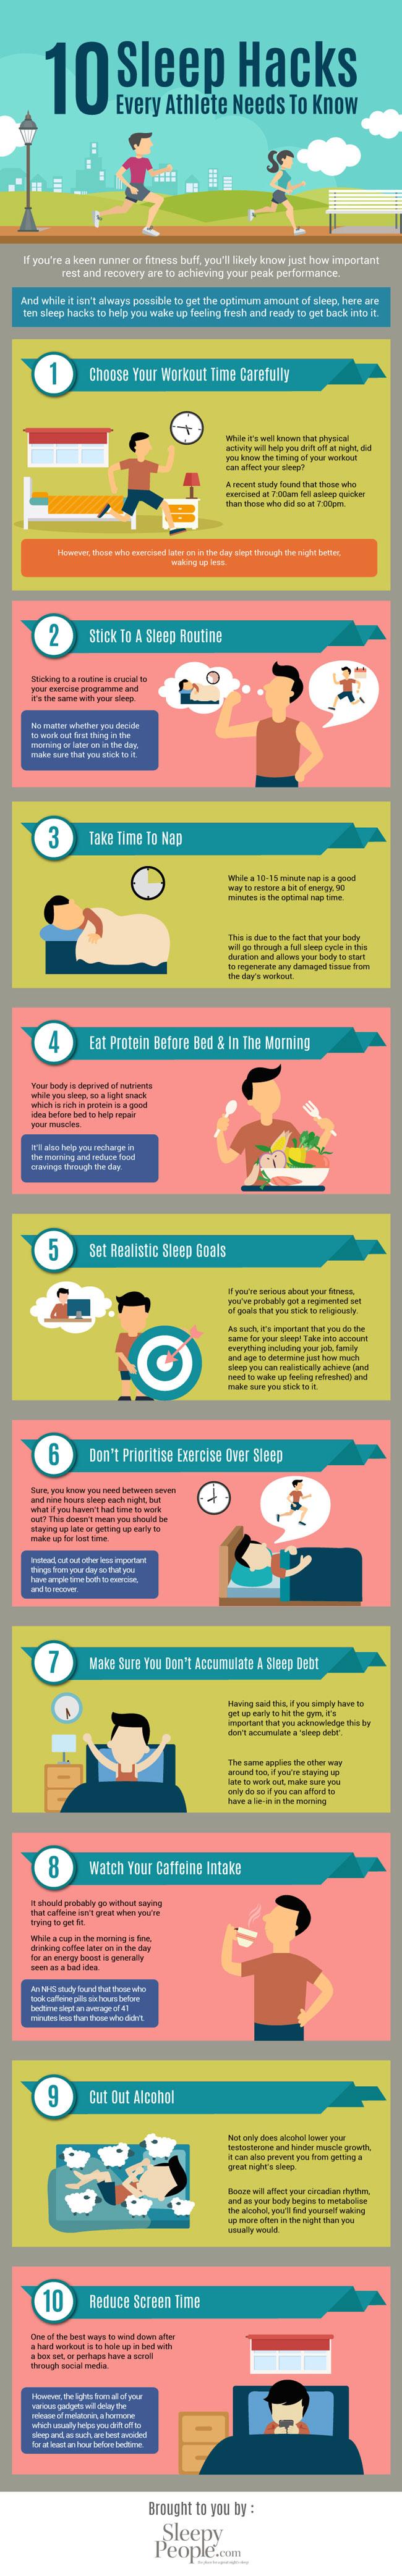 10-sleep-hacks-for-athletes